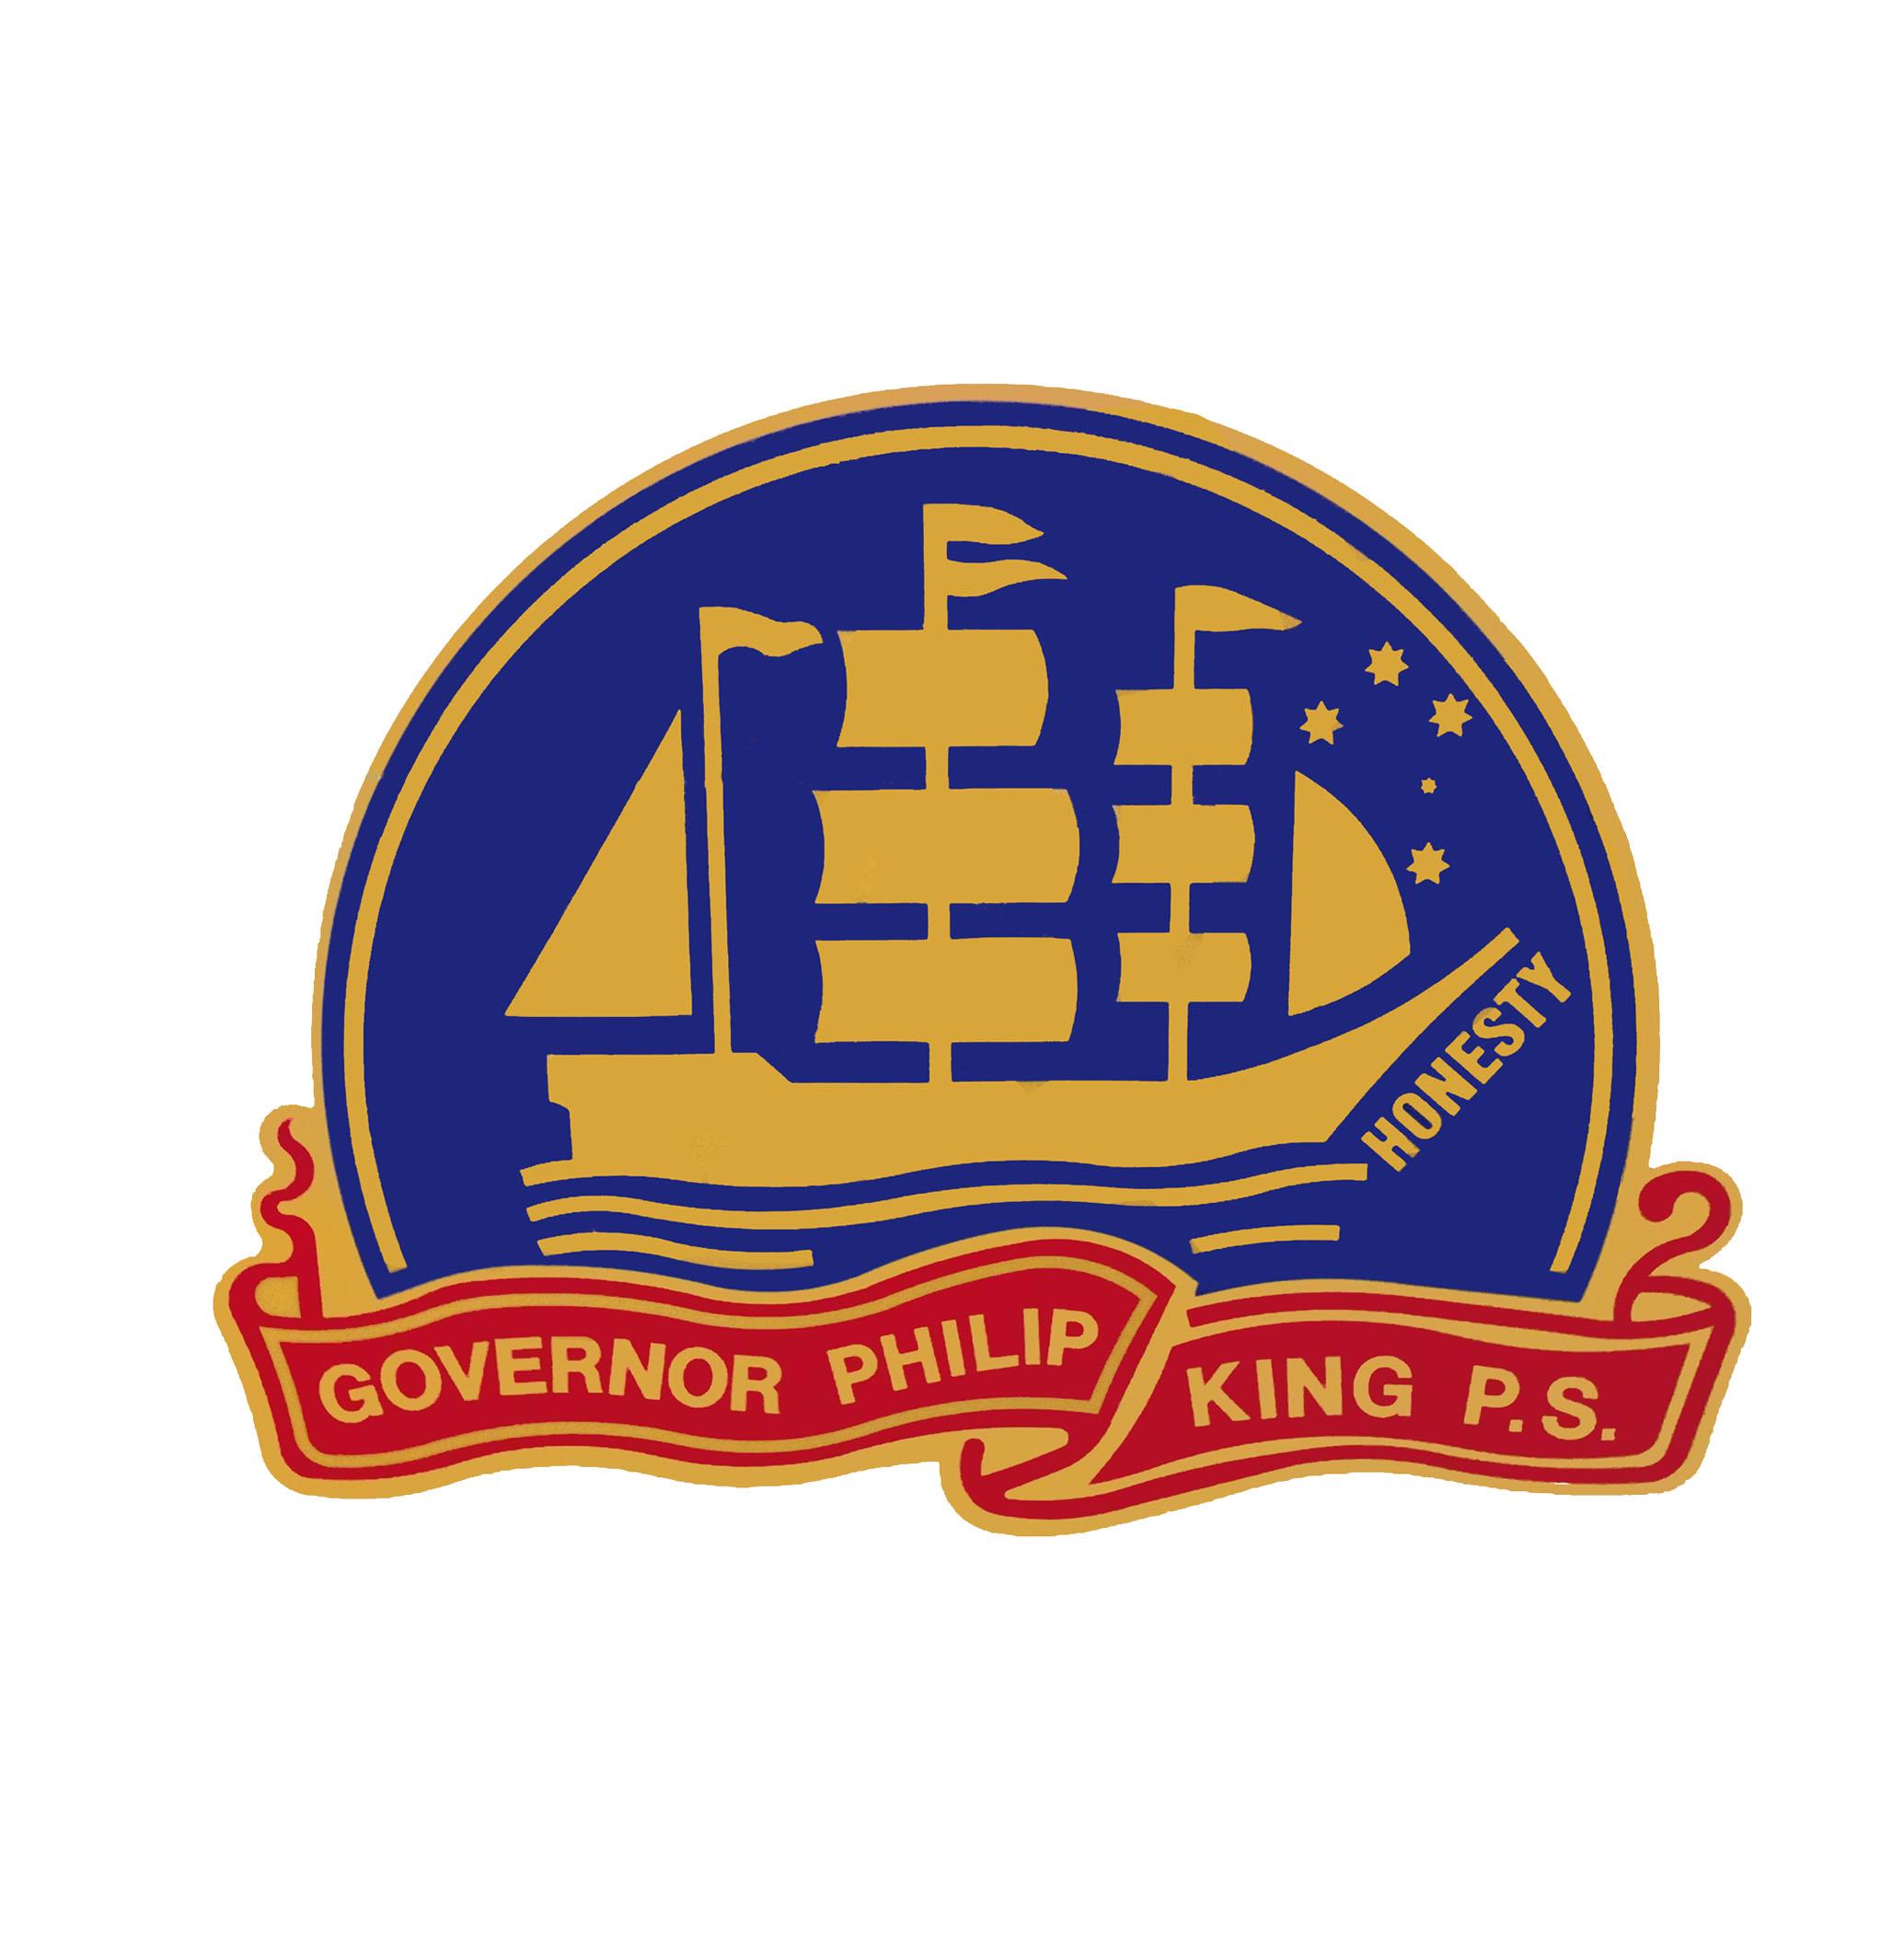 Classes - Governor Philip King Public School